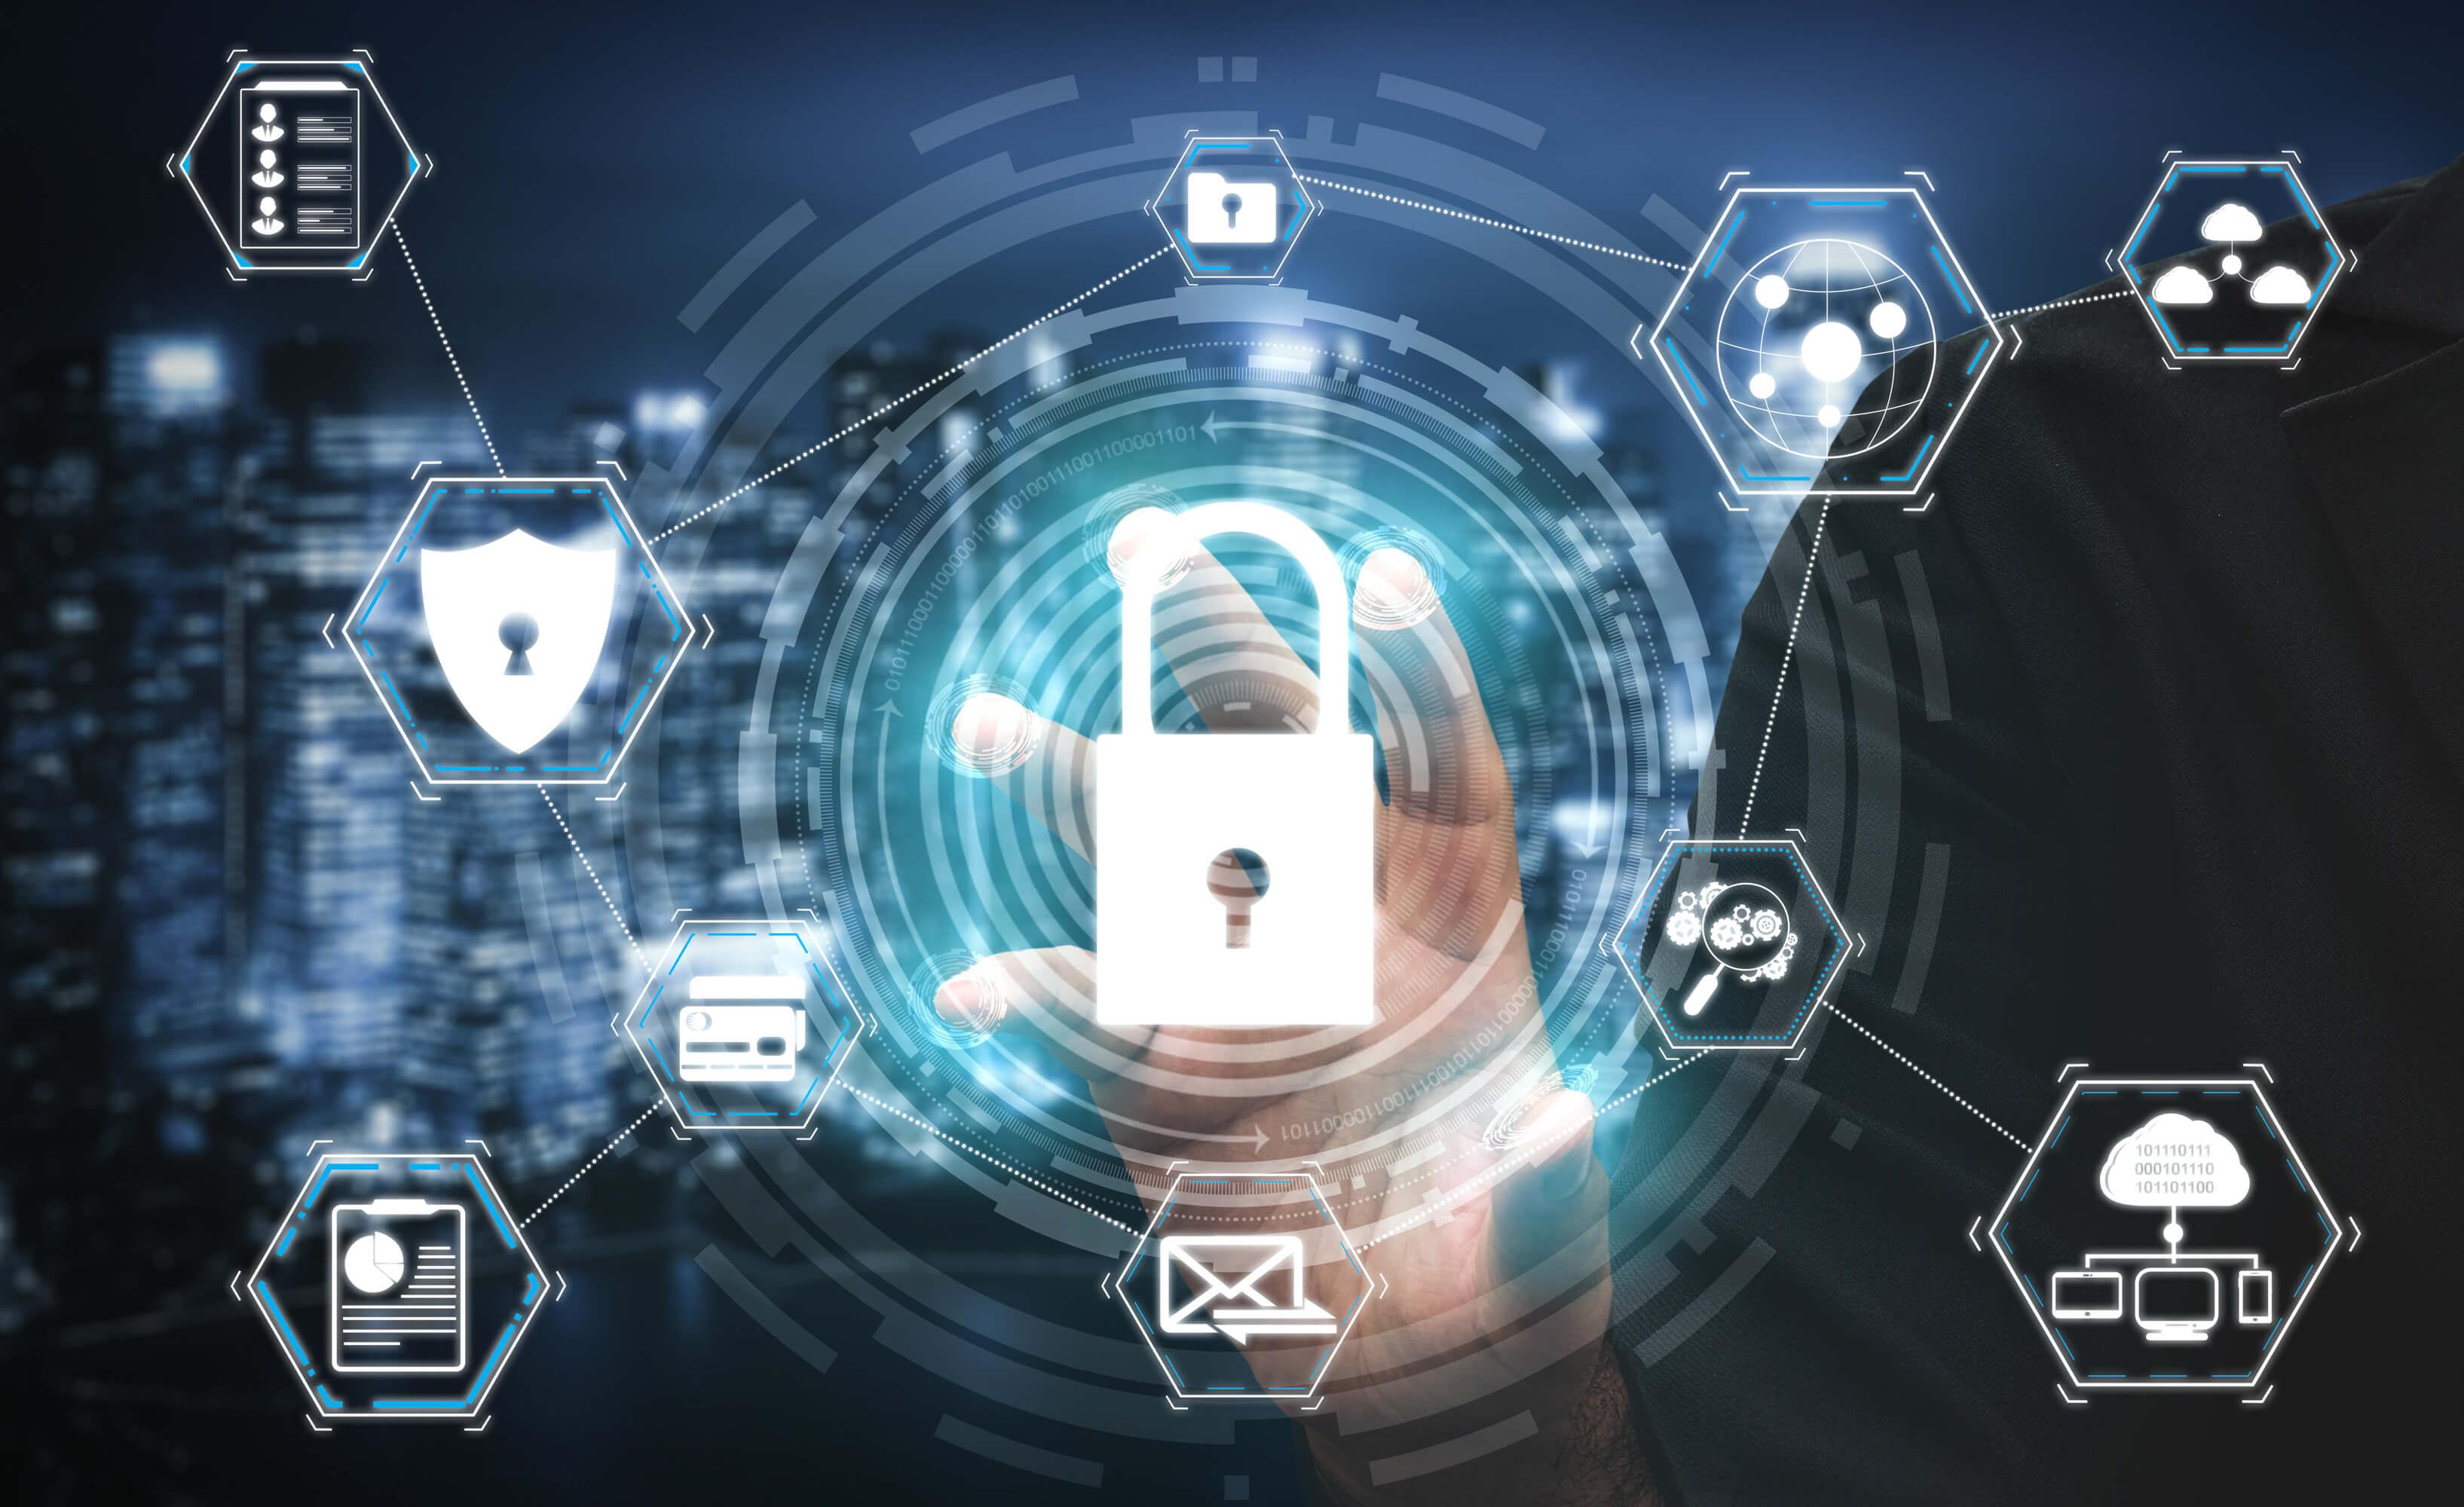 La-ciberseguridad-puede-prevenir-riesgos